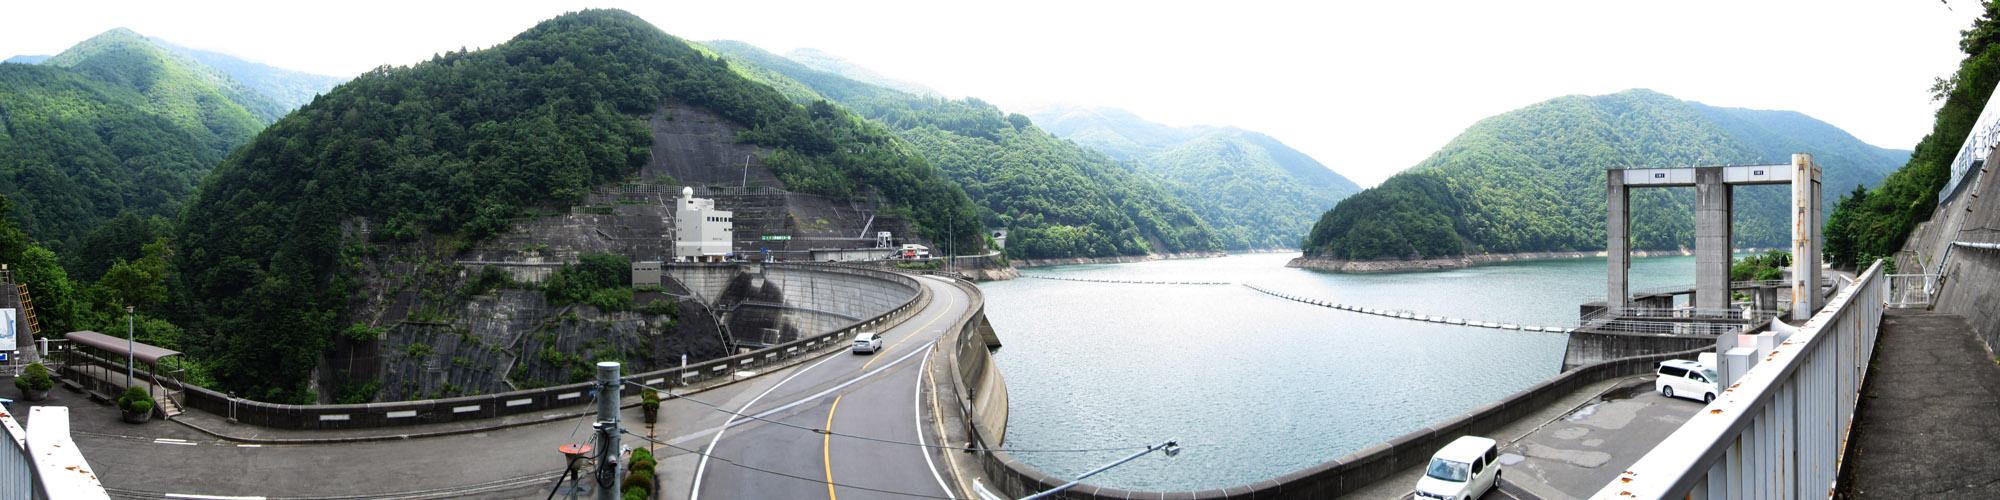 パノラマ:奈川渡ダム